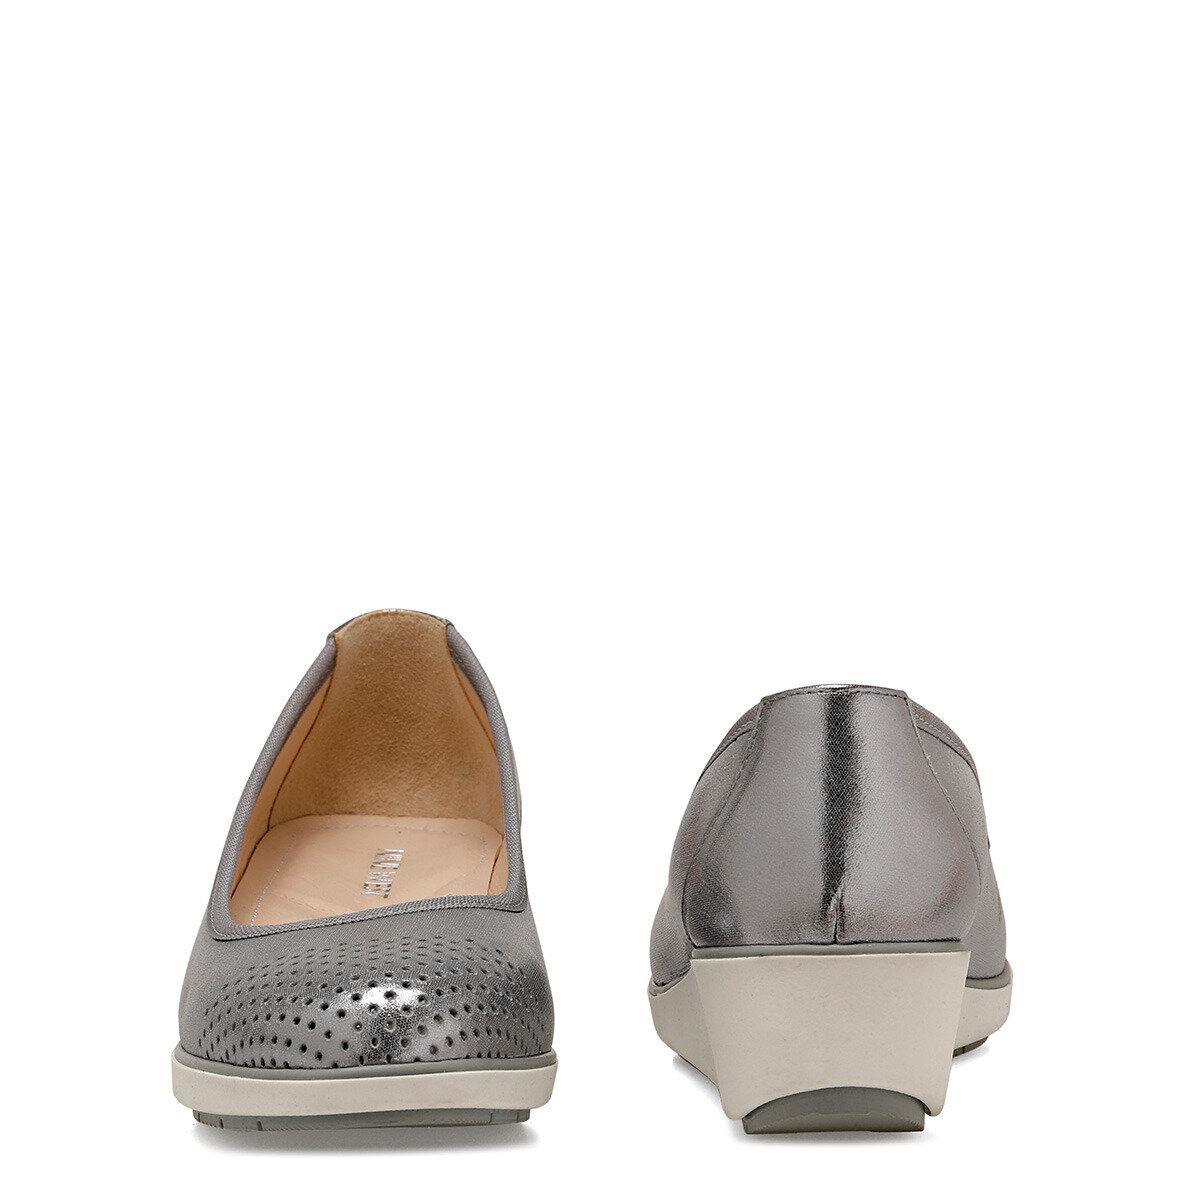 DIAMO Gümüş Kadın Dolgu Topuk Ayakkabı